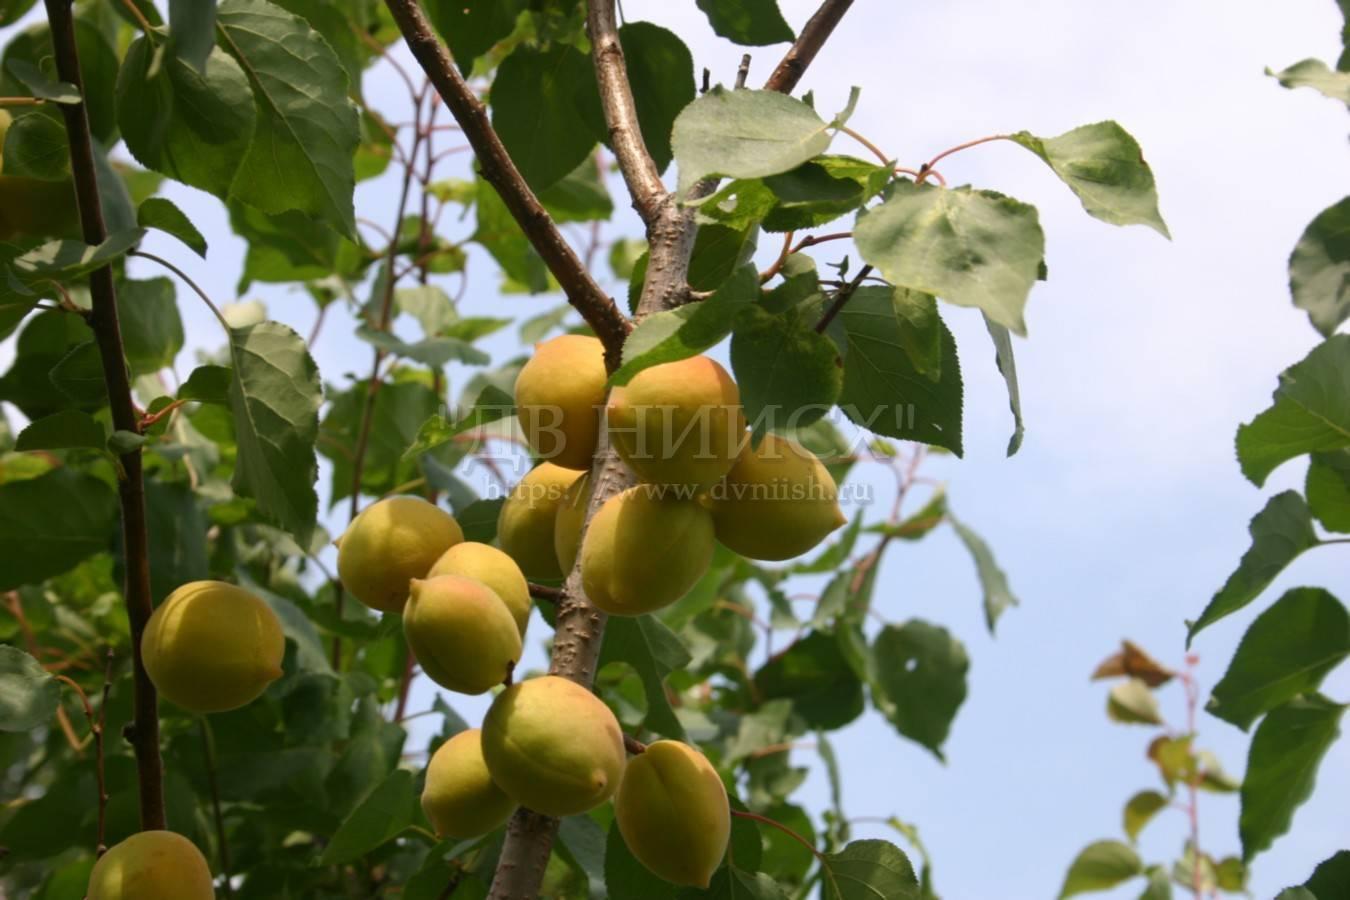 Об абрикосе Академик: описание и характеристики сорта, посадка, уход